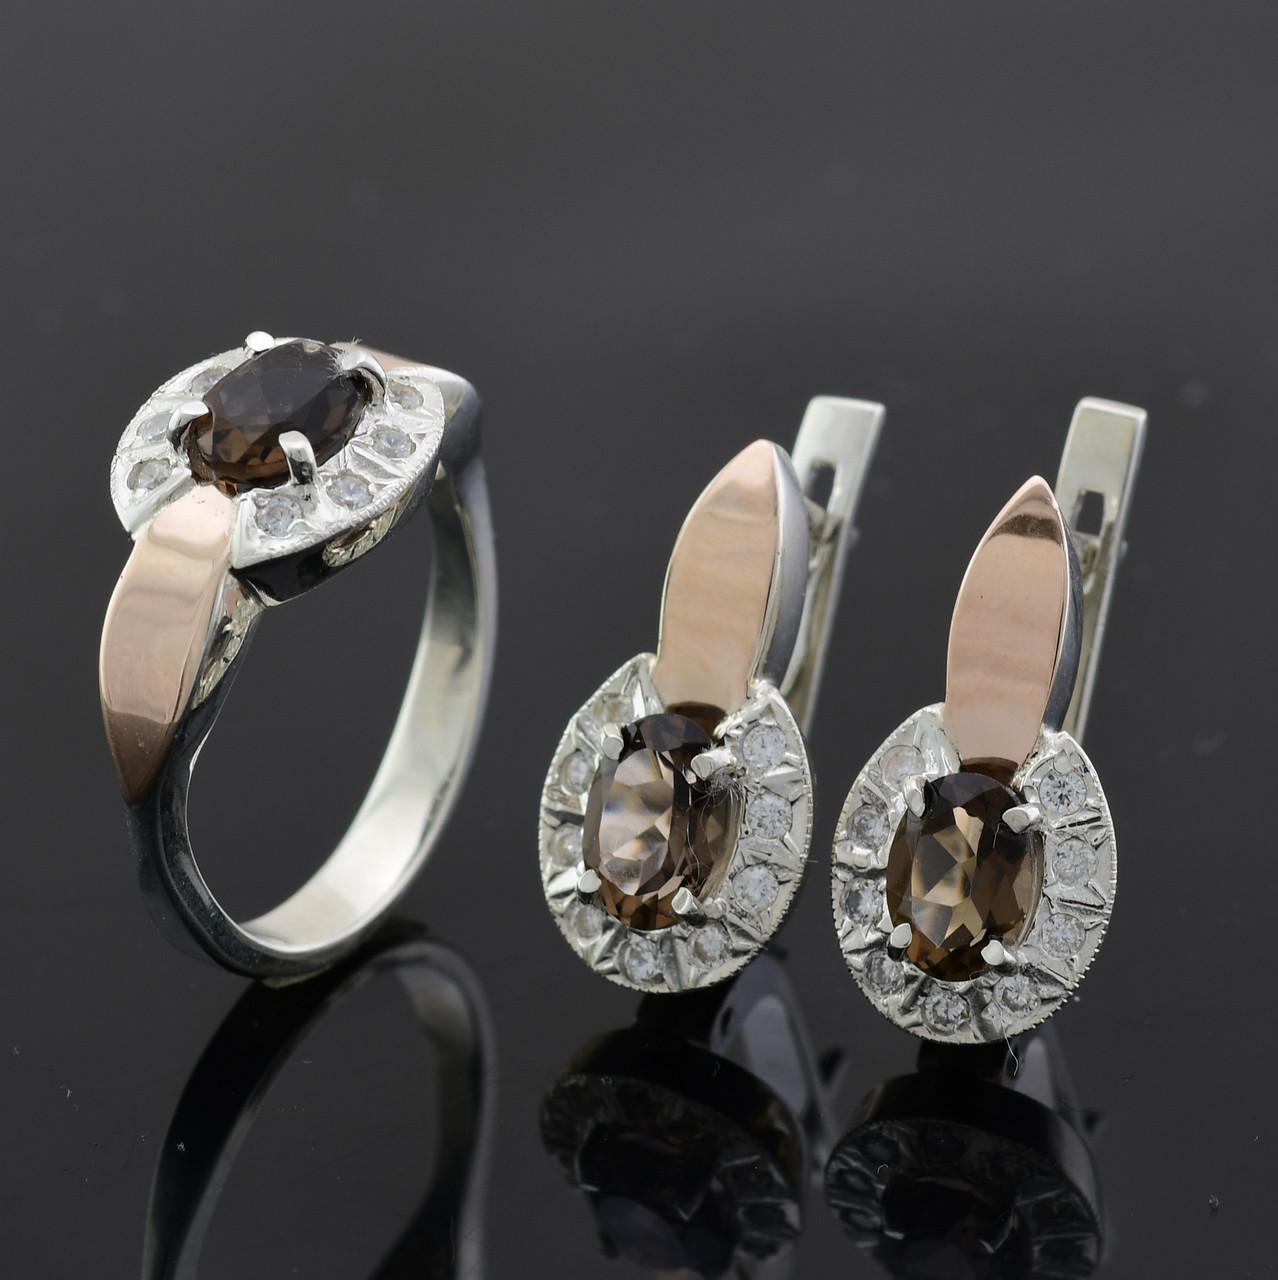 Набор с натуральным Раухтопазом (Дымчатый кварц): кольцо 17 р. Подтверждающий сертификат прилагается